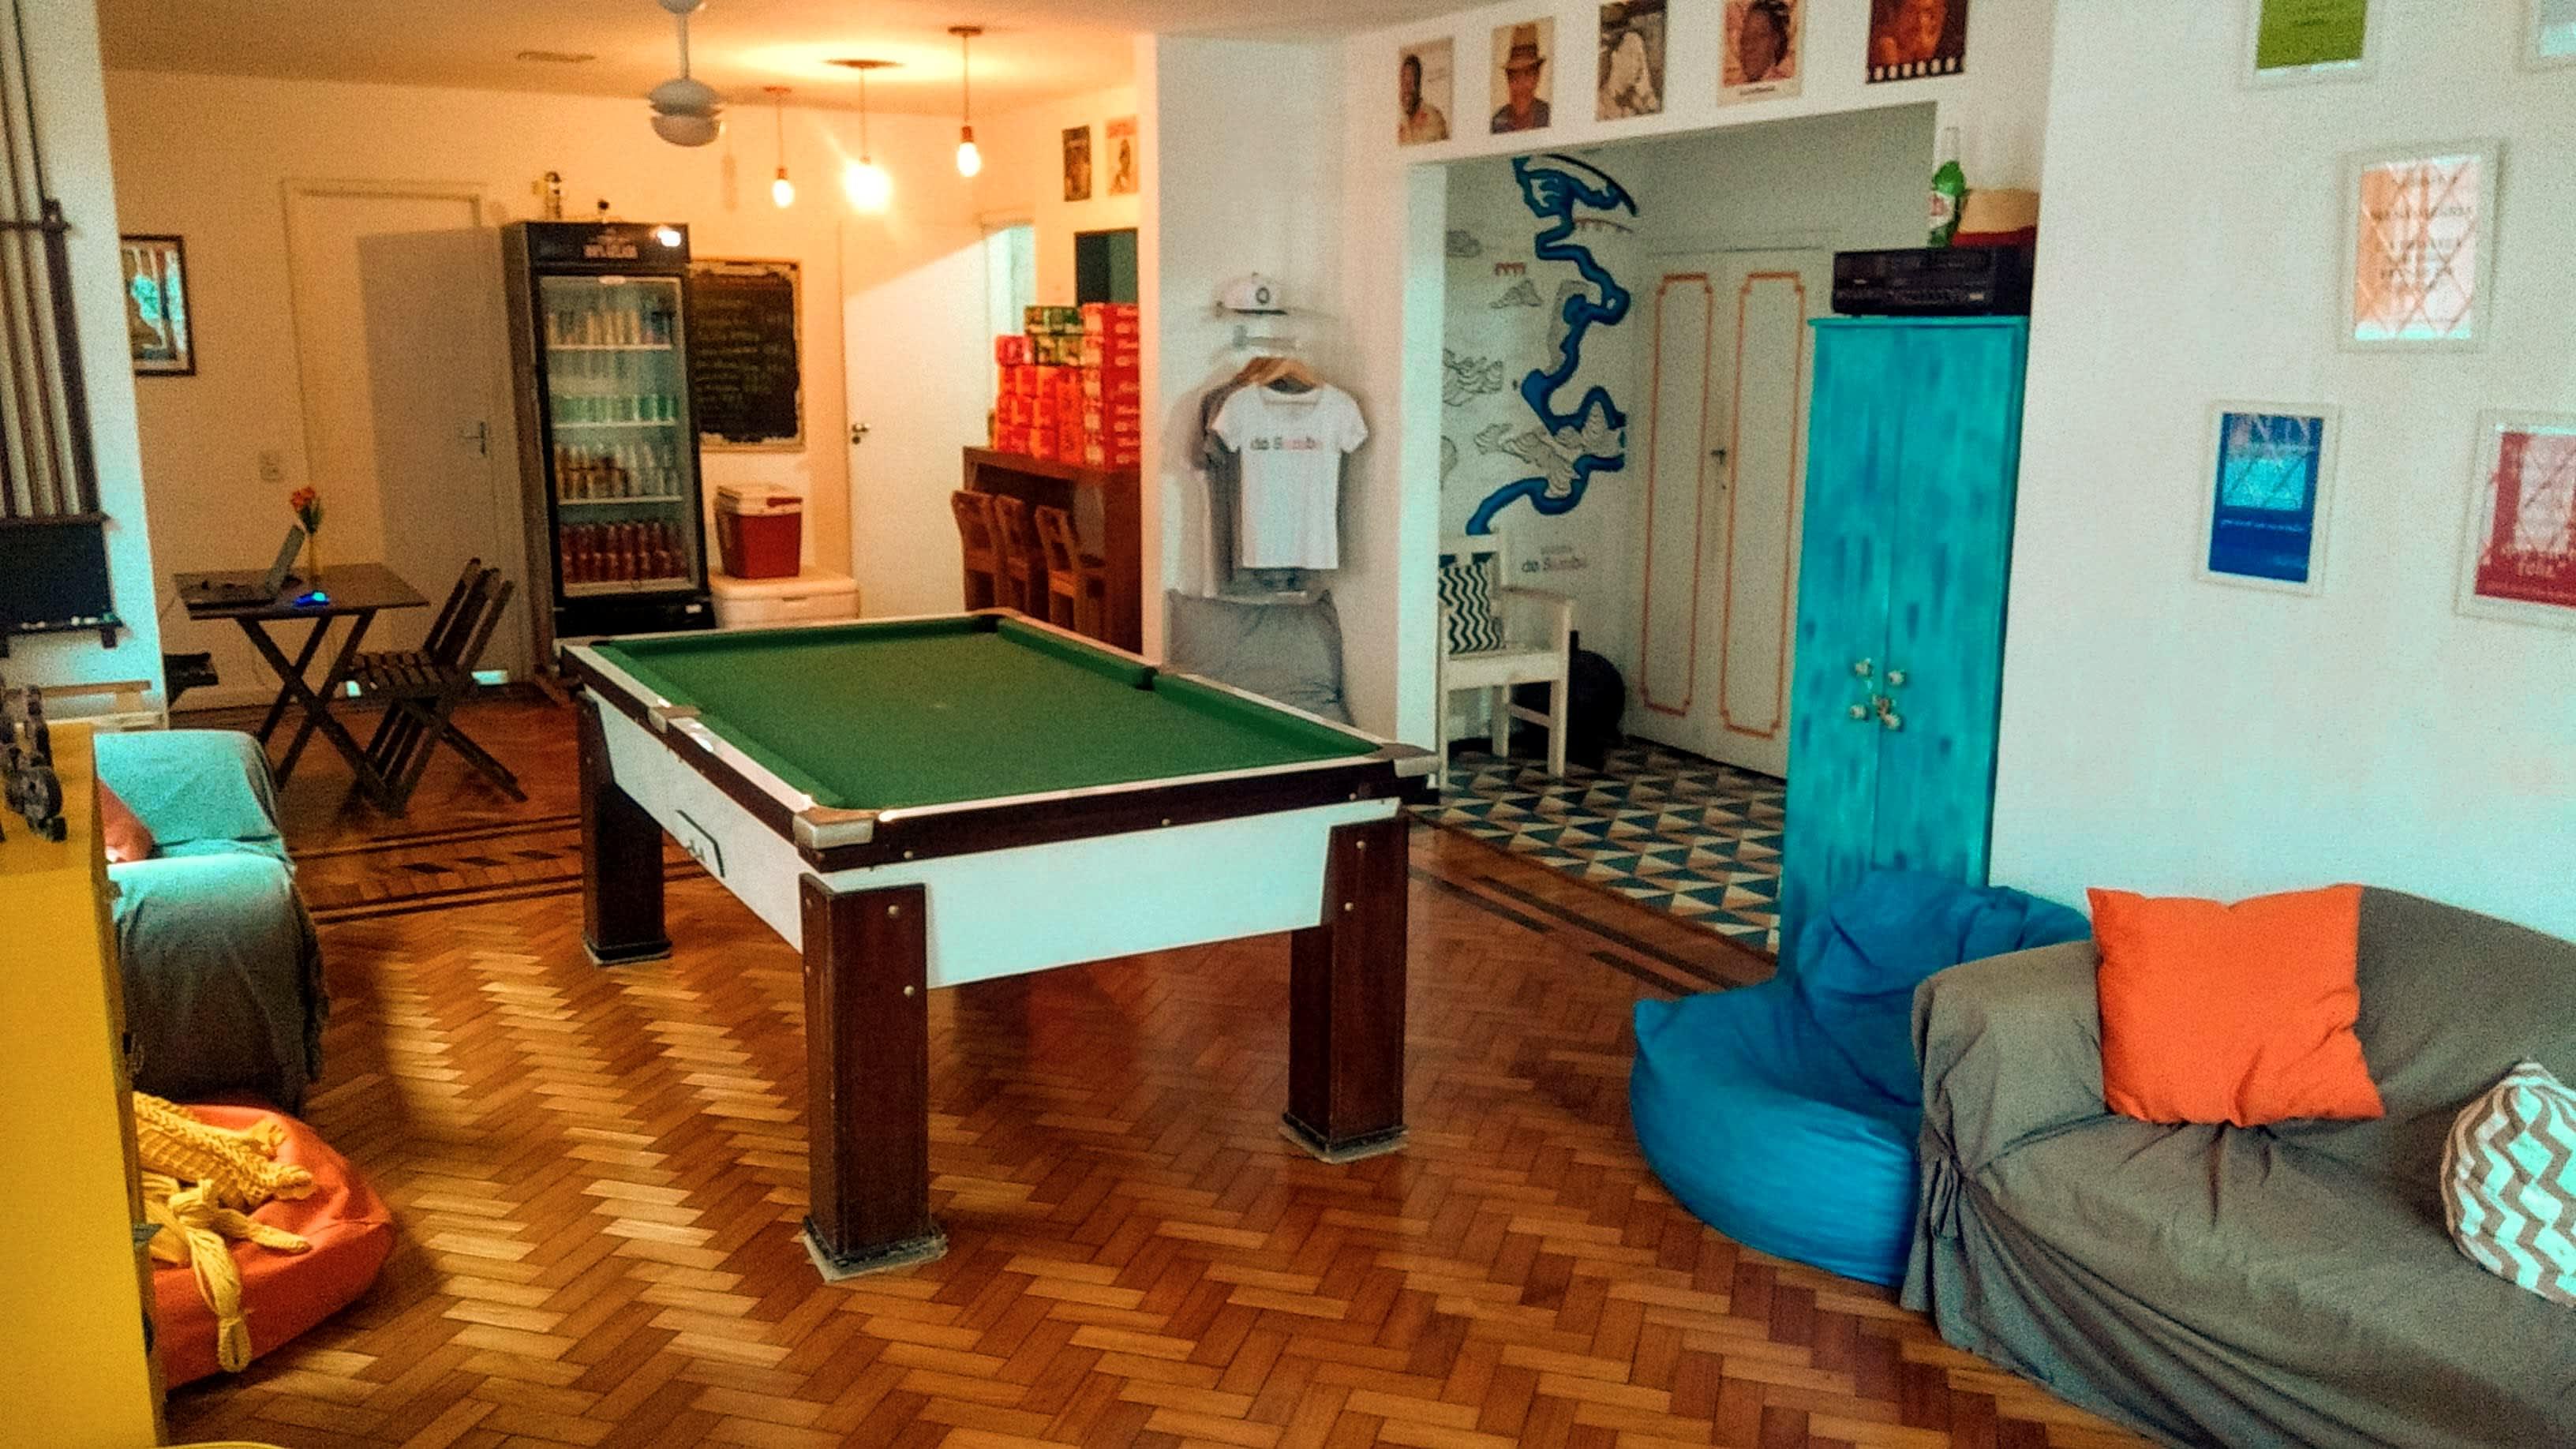 HOSTEL - Do Samba Hostel